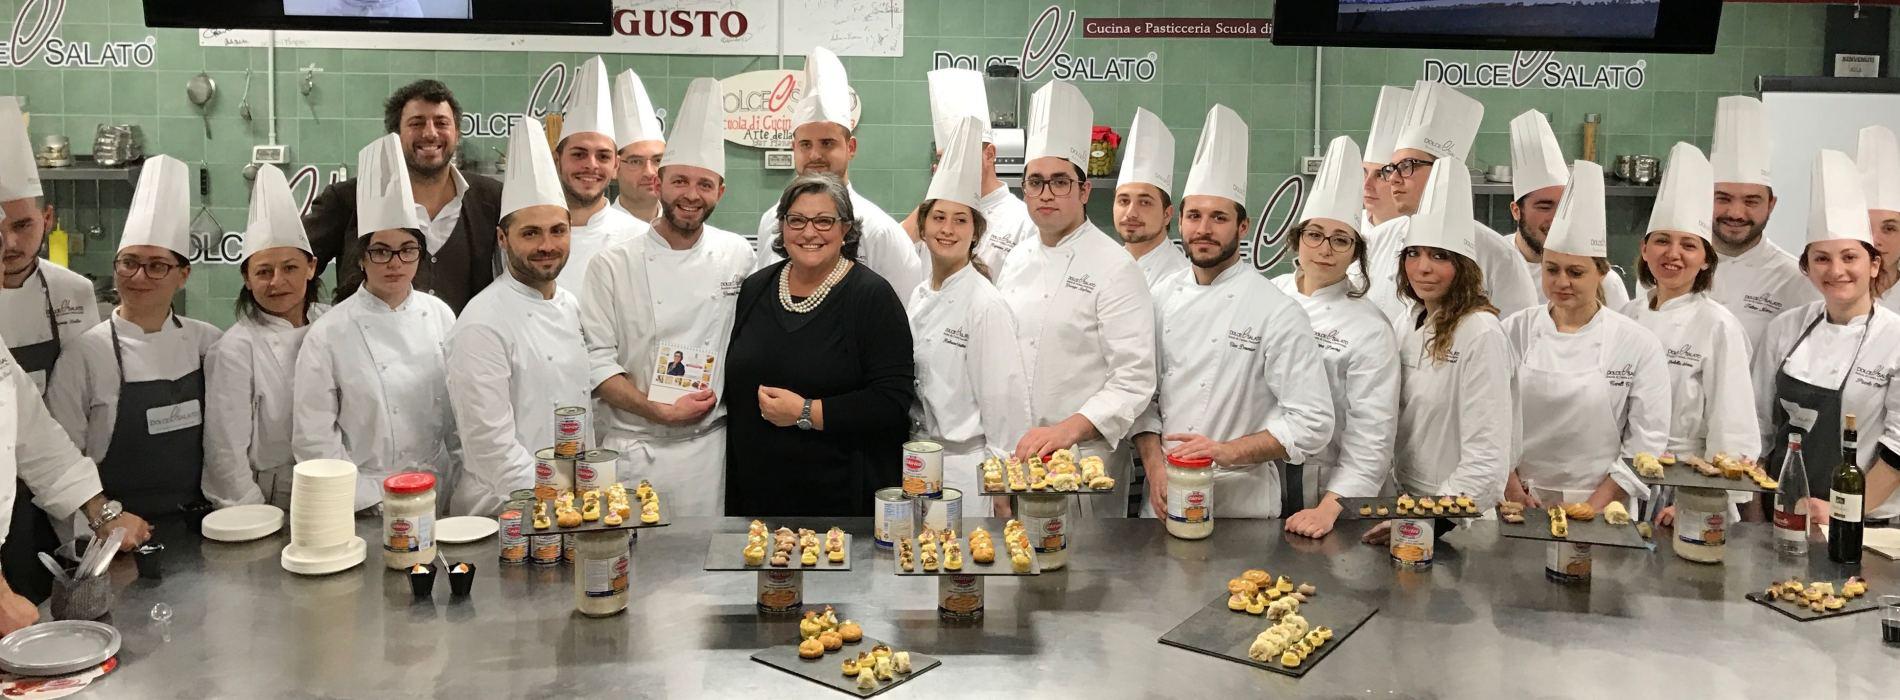 Il grano Chirico fa Accademia, incontro da Dolce & Salato